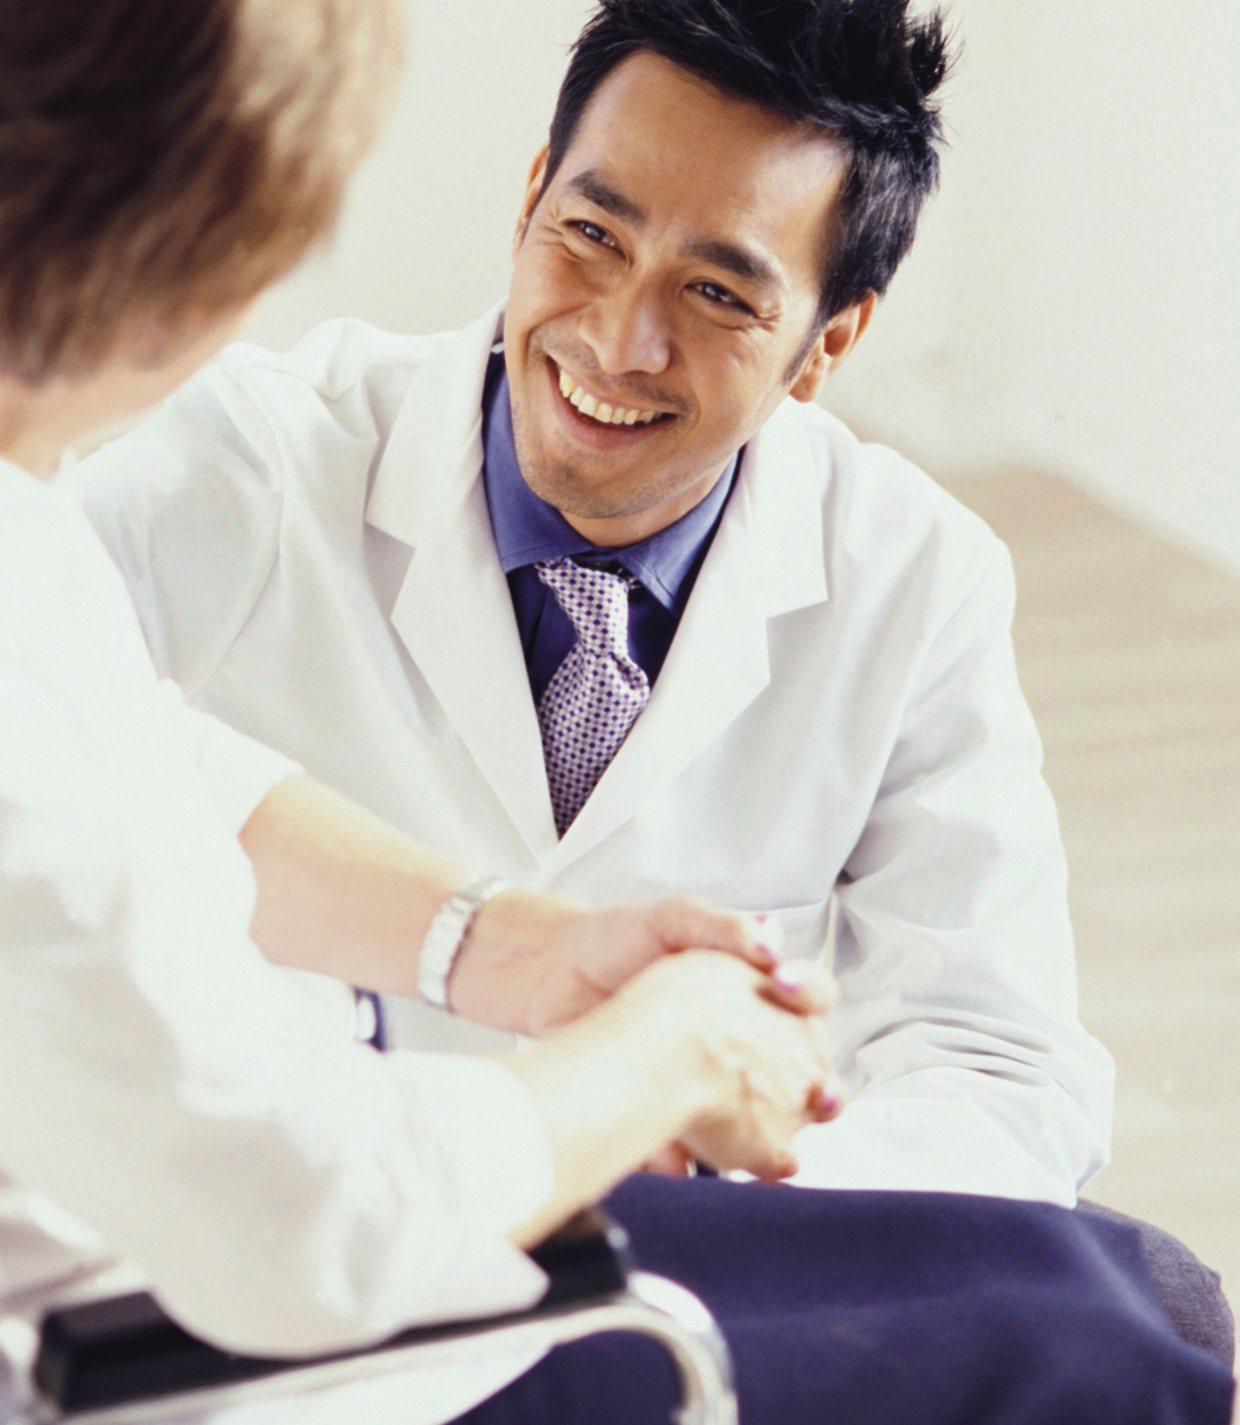 台灣人壽與全國七家社區醫院合作提供保險金扣抵醫療費用服務,方便民眾就近求診。台灣...